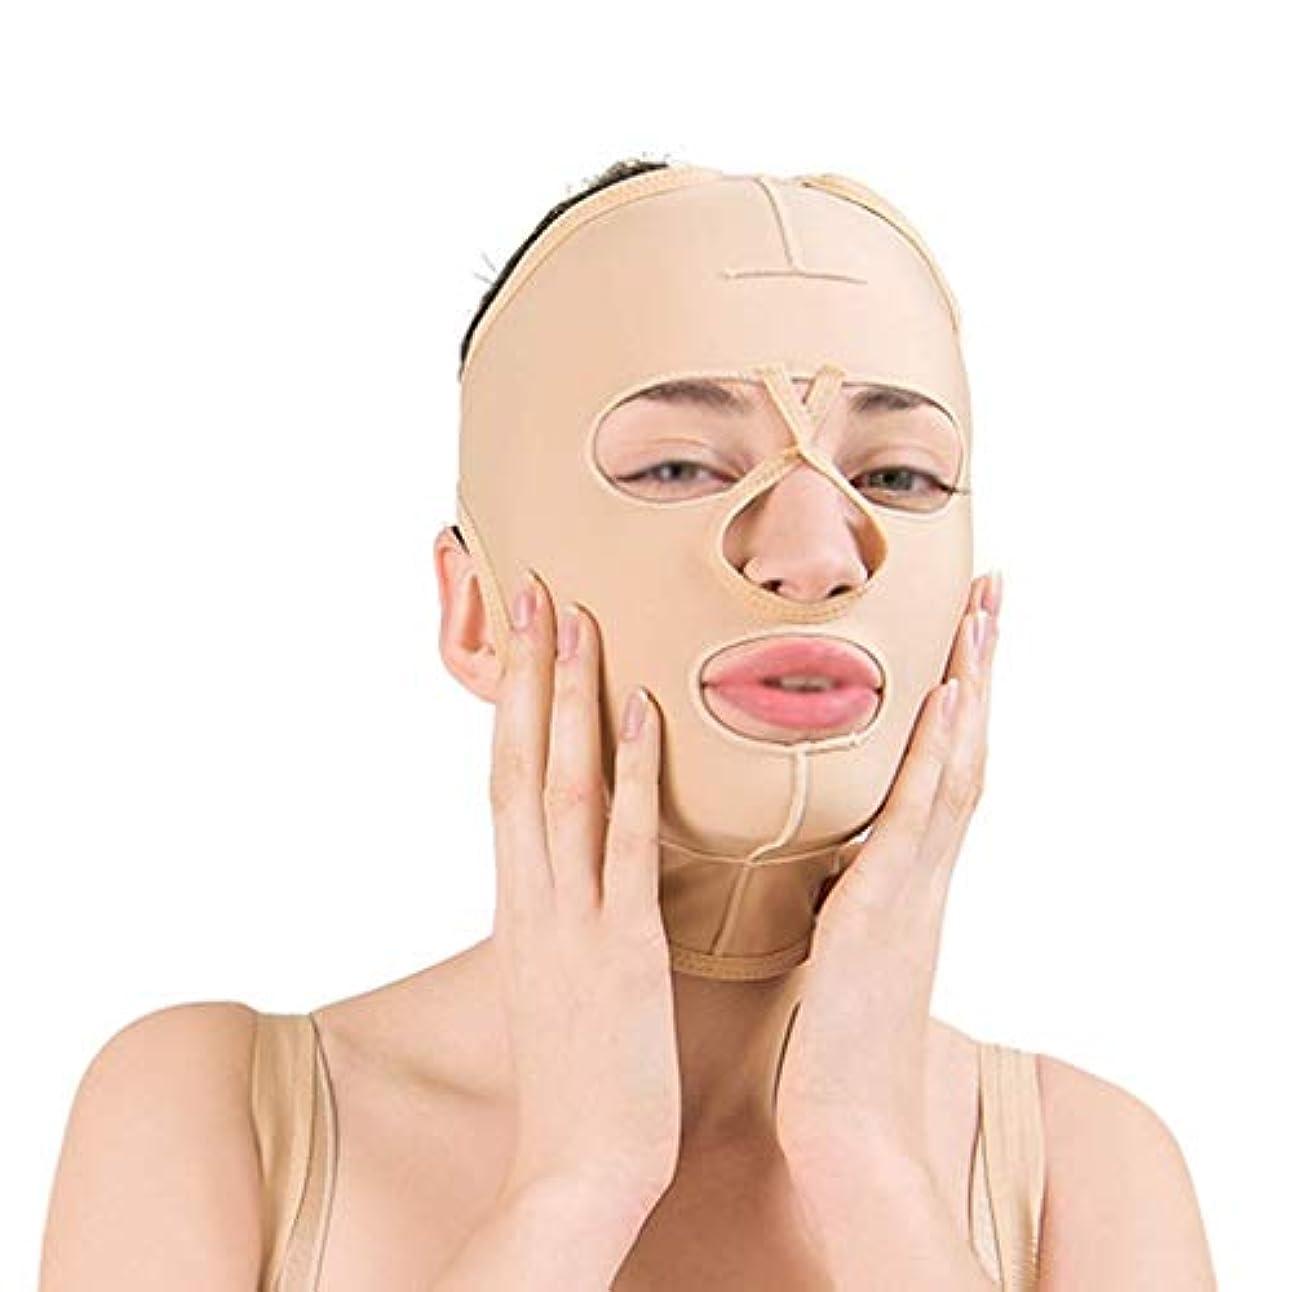 まともな迷惑乱用フェイススリミングマスク、フェイスバンデージ付きフェイシャル減量マスク、通気性フェイスリフト、引き締め、フェイスリフティング(サイズ:L),M